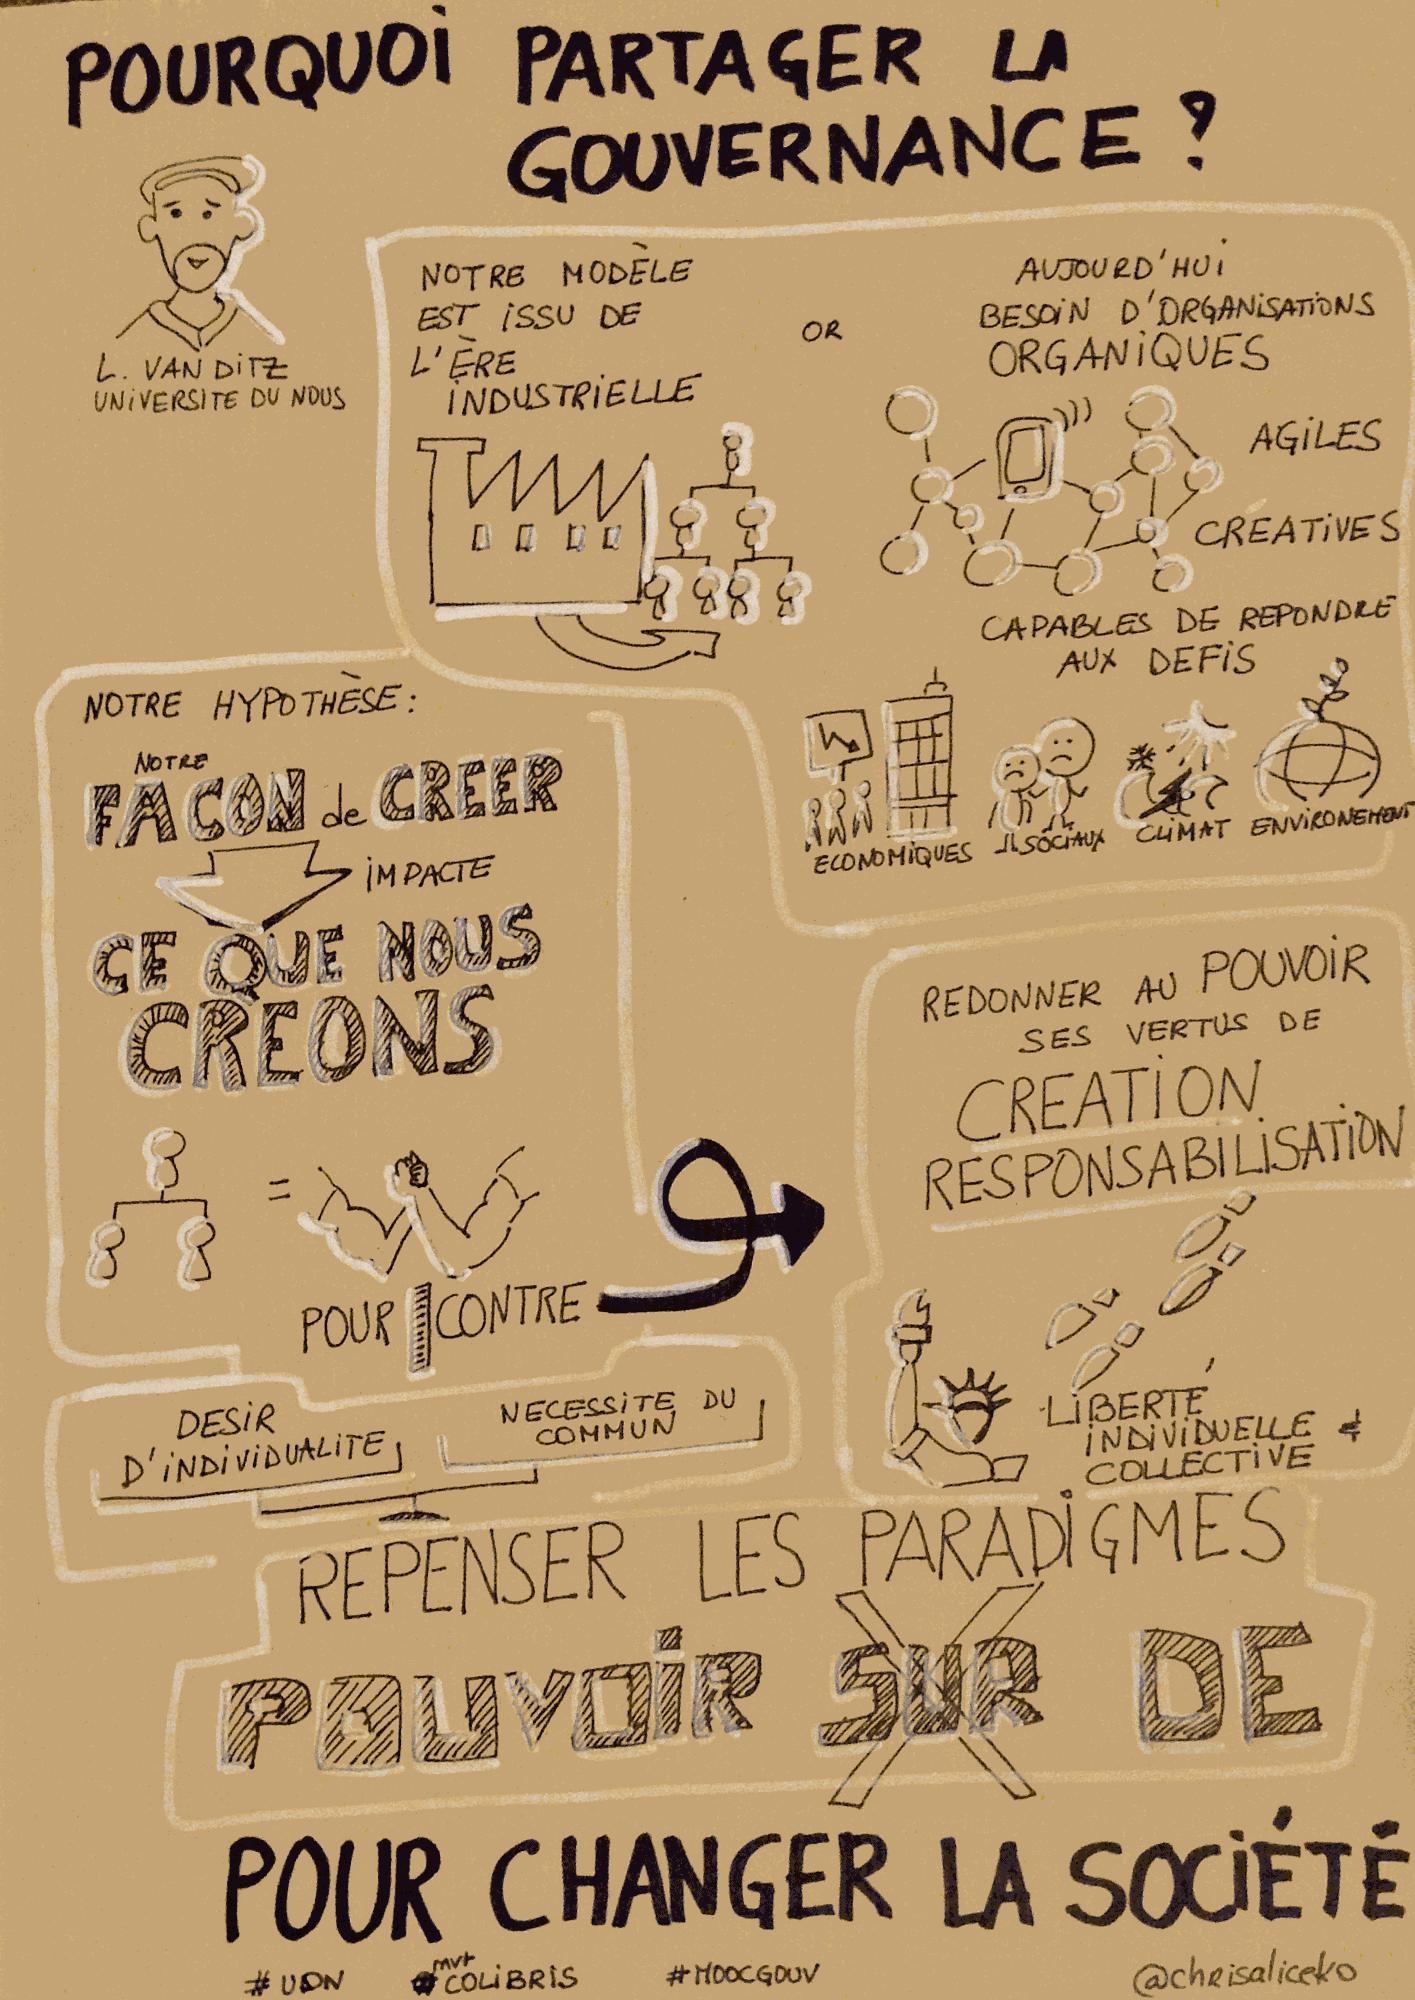 Pourquoi partager la gouvernance ? sketchnote